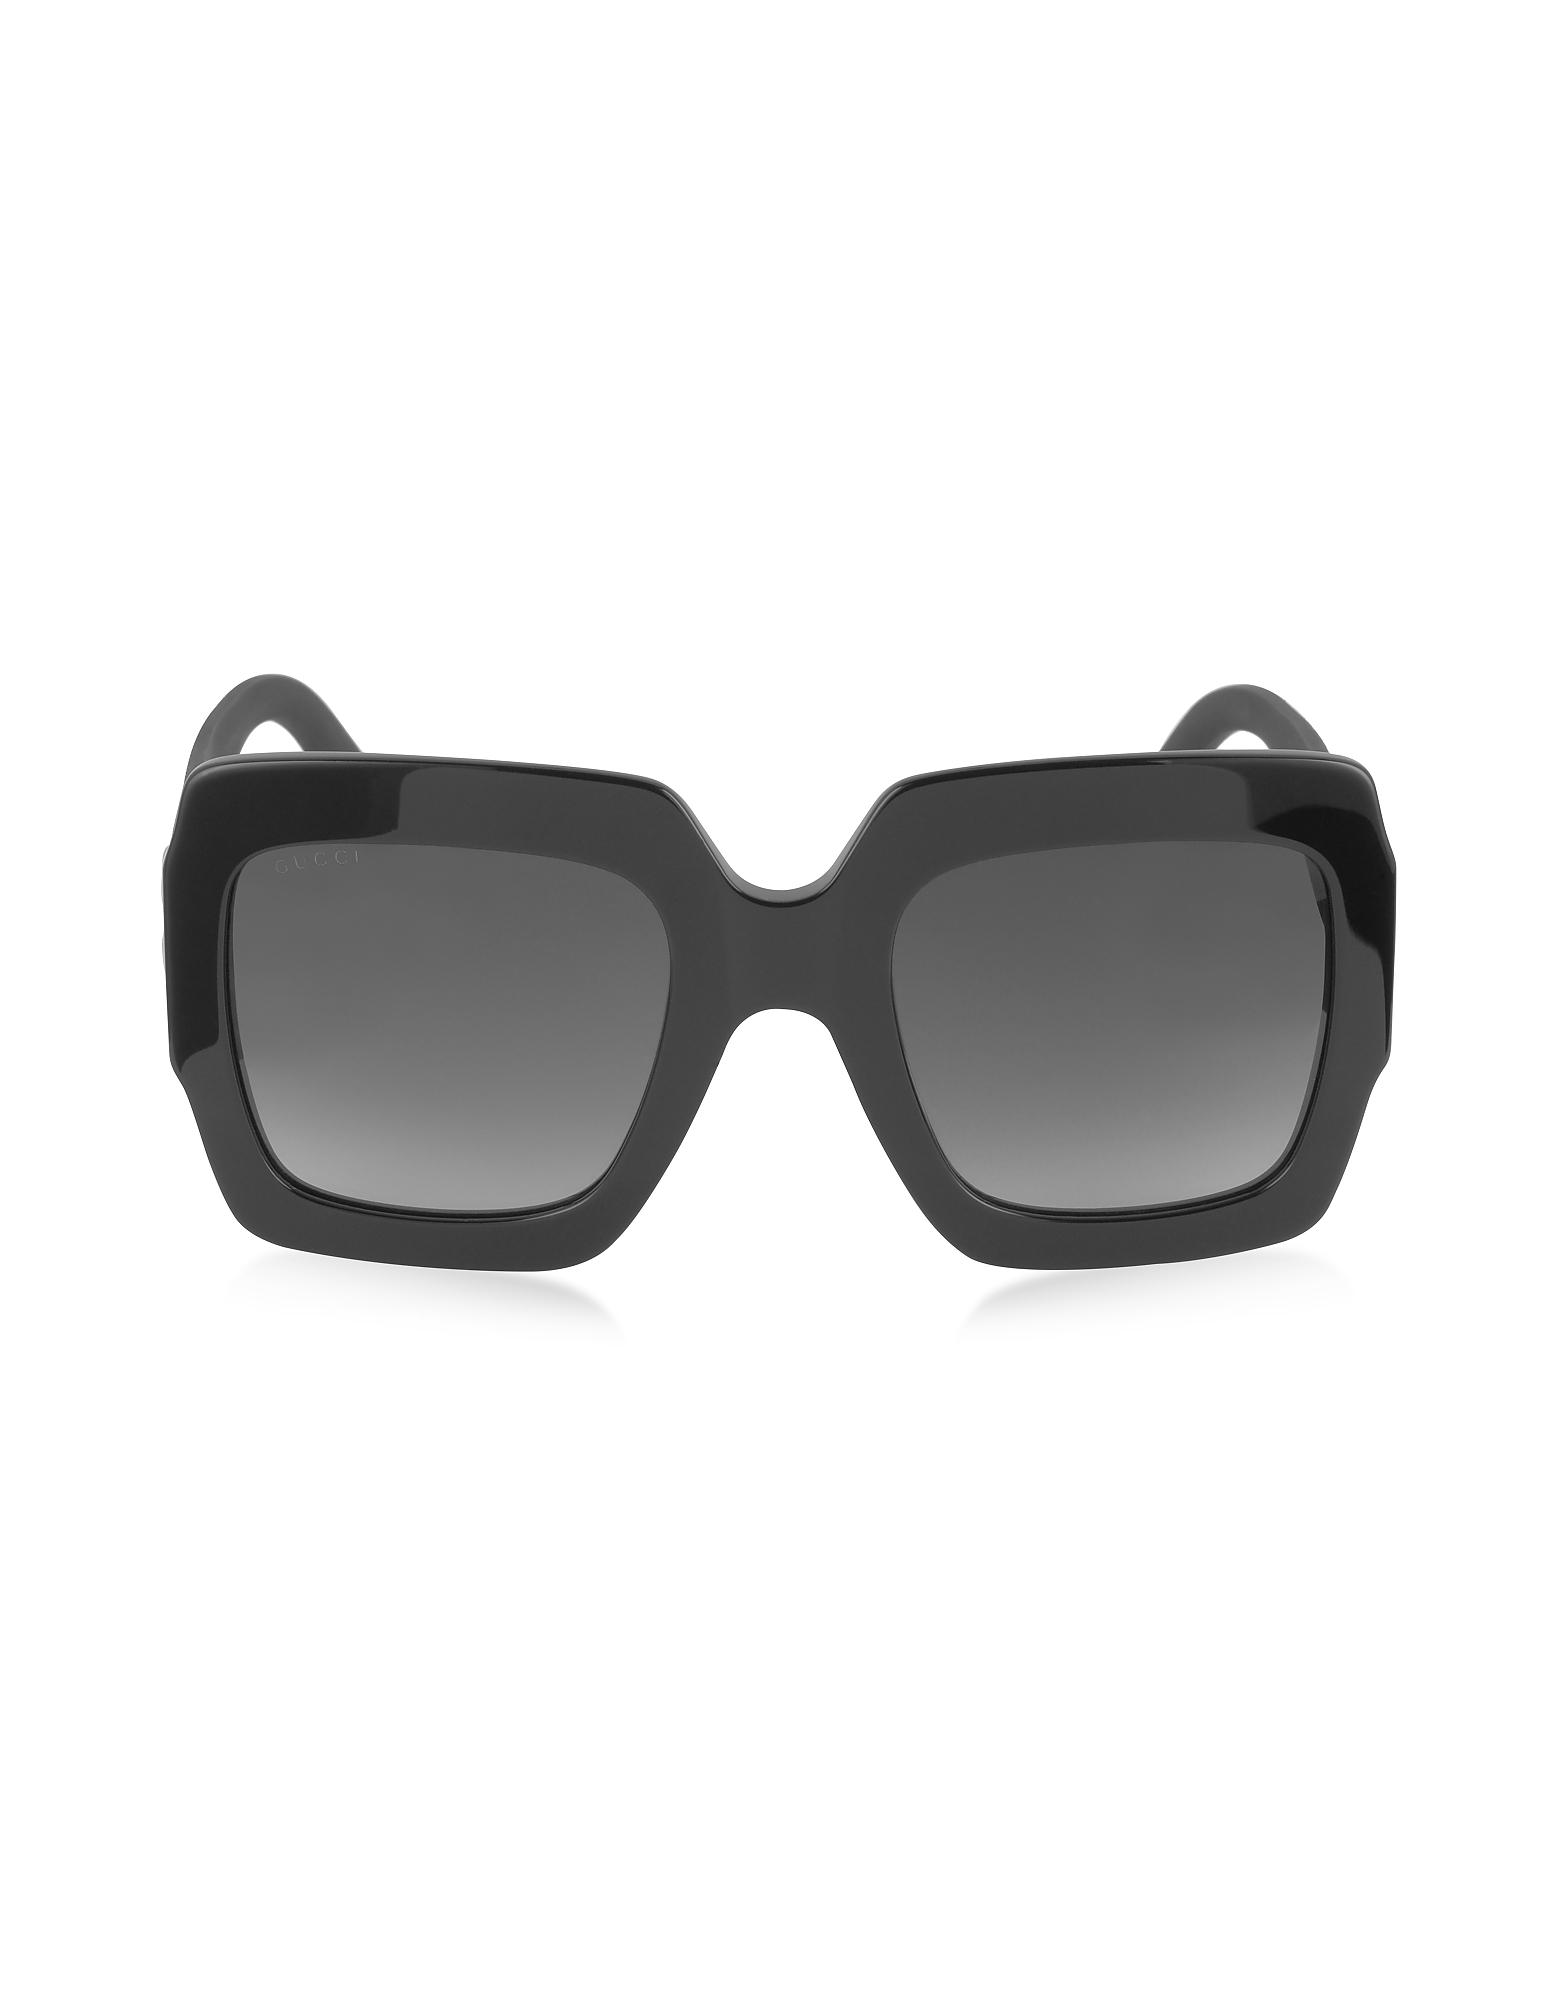 Gucci Sunglasses, GG0053S Optyl Square Women's Sunglasses w/Glitter Temples